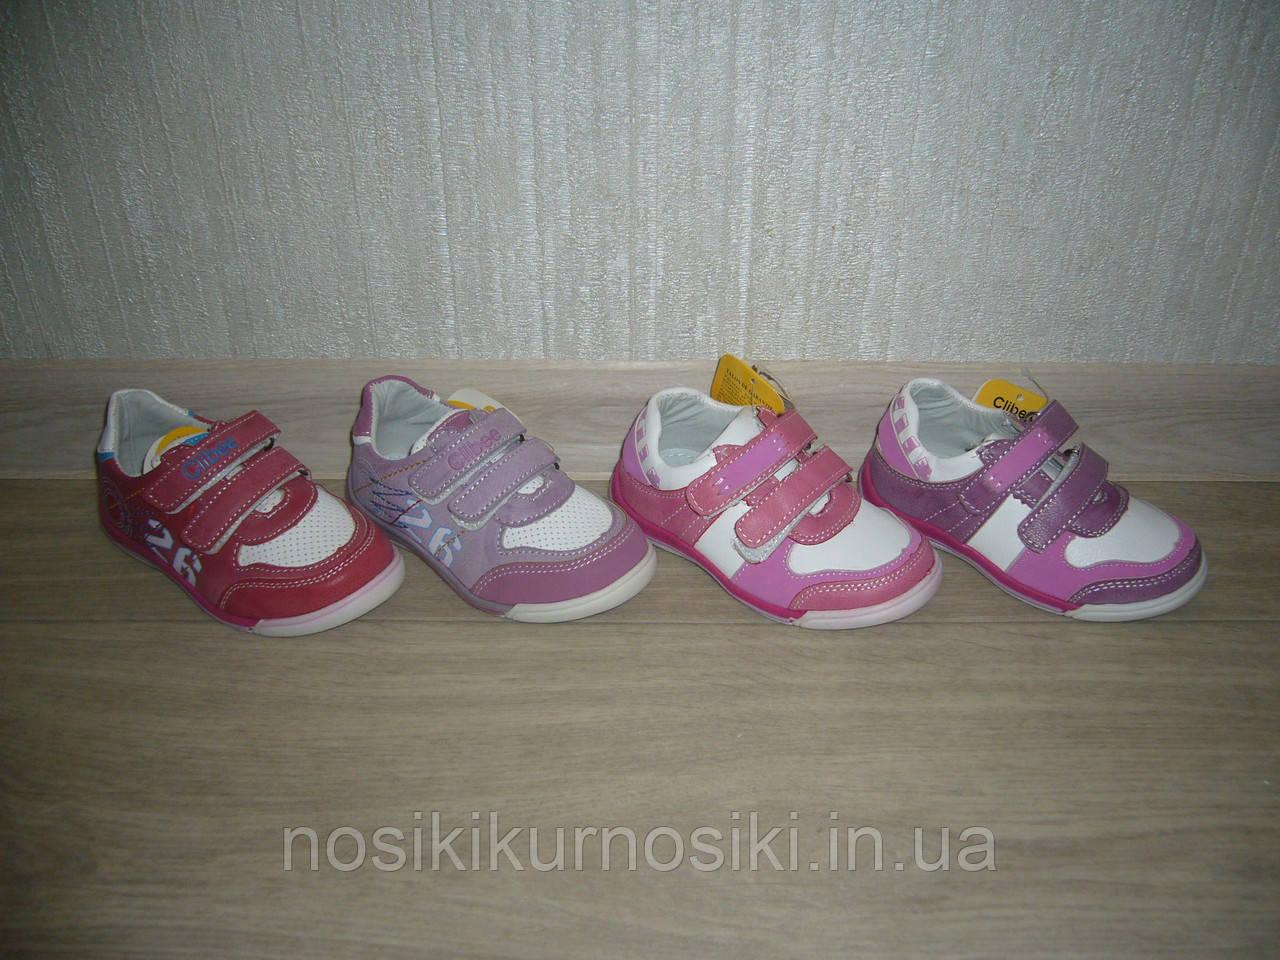 Спортивные туфли кроссовки для девочек Clibee р-ры 22-26